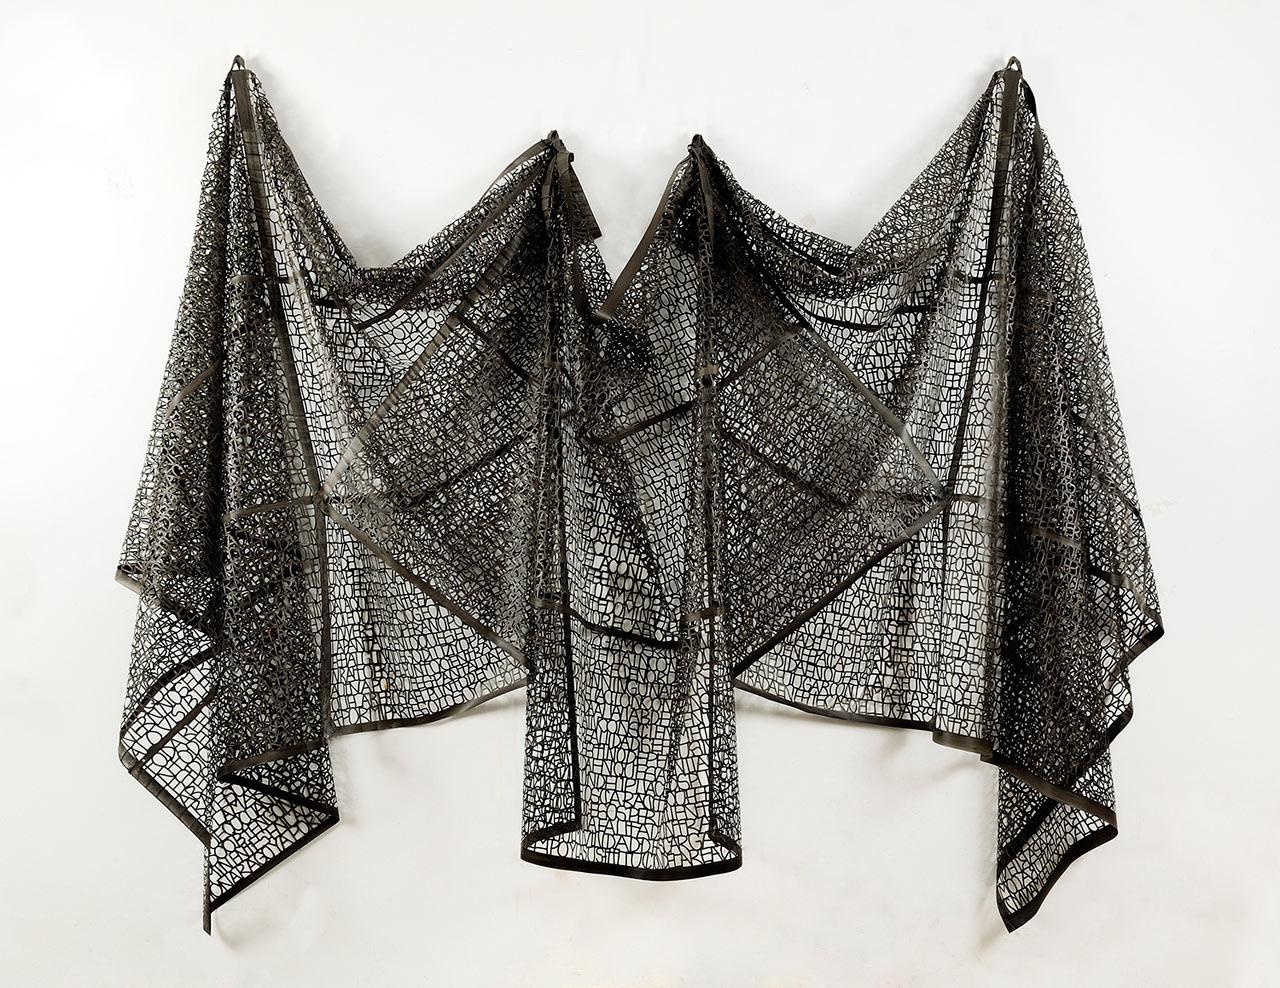 Astoundingly Detailed Cut Paper Art by Pablo Lehmann